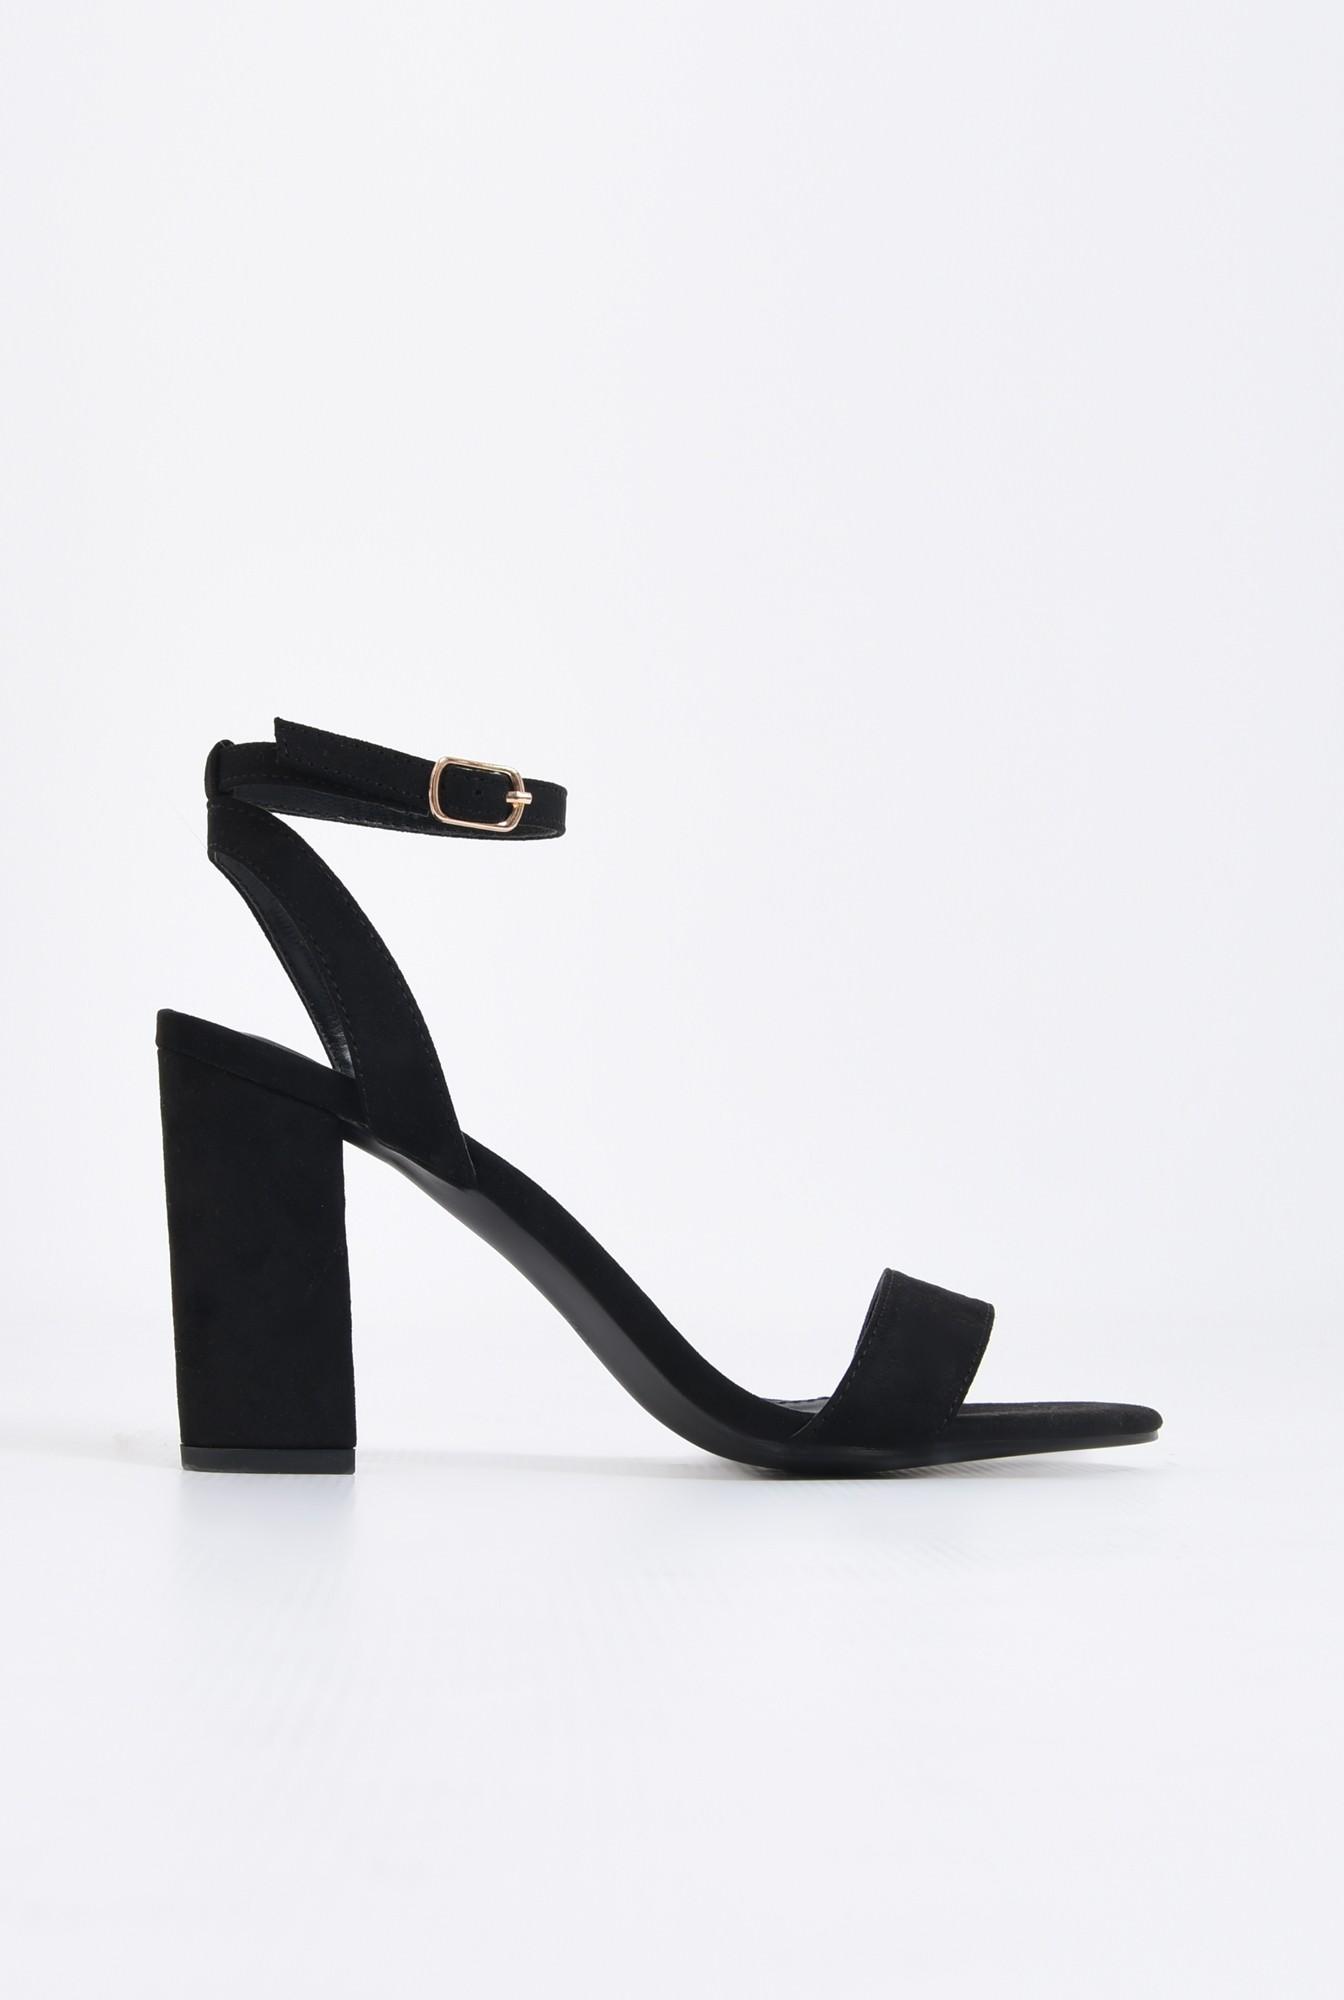 sandale elegante, negre, din catifea, toc gros